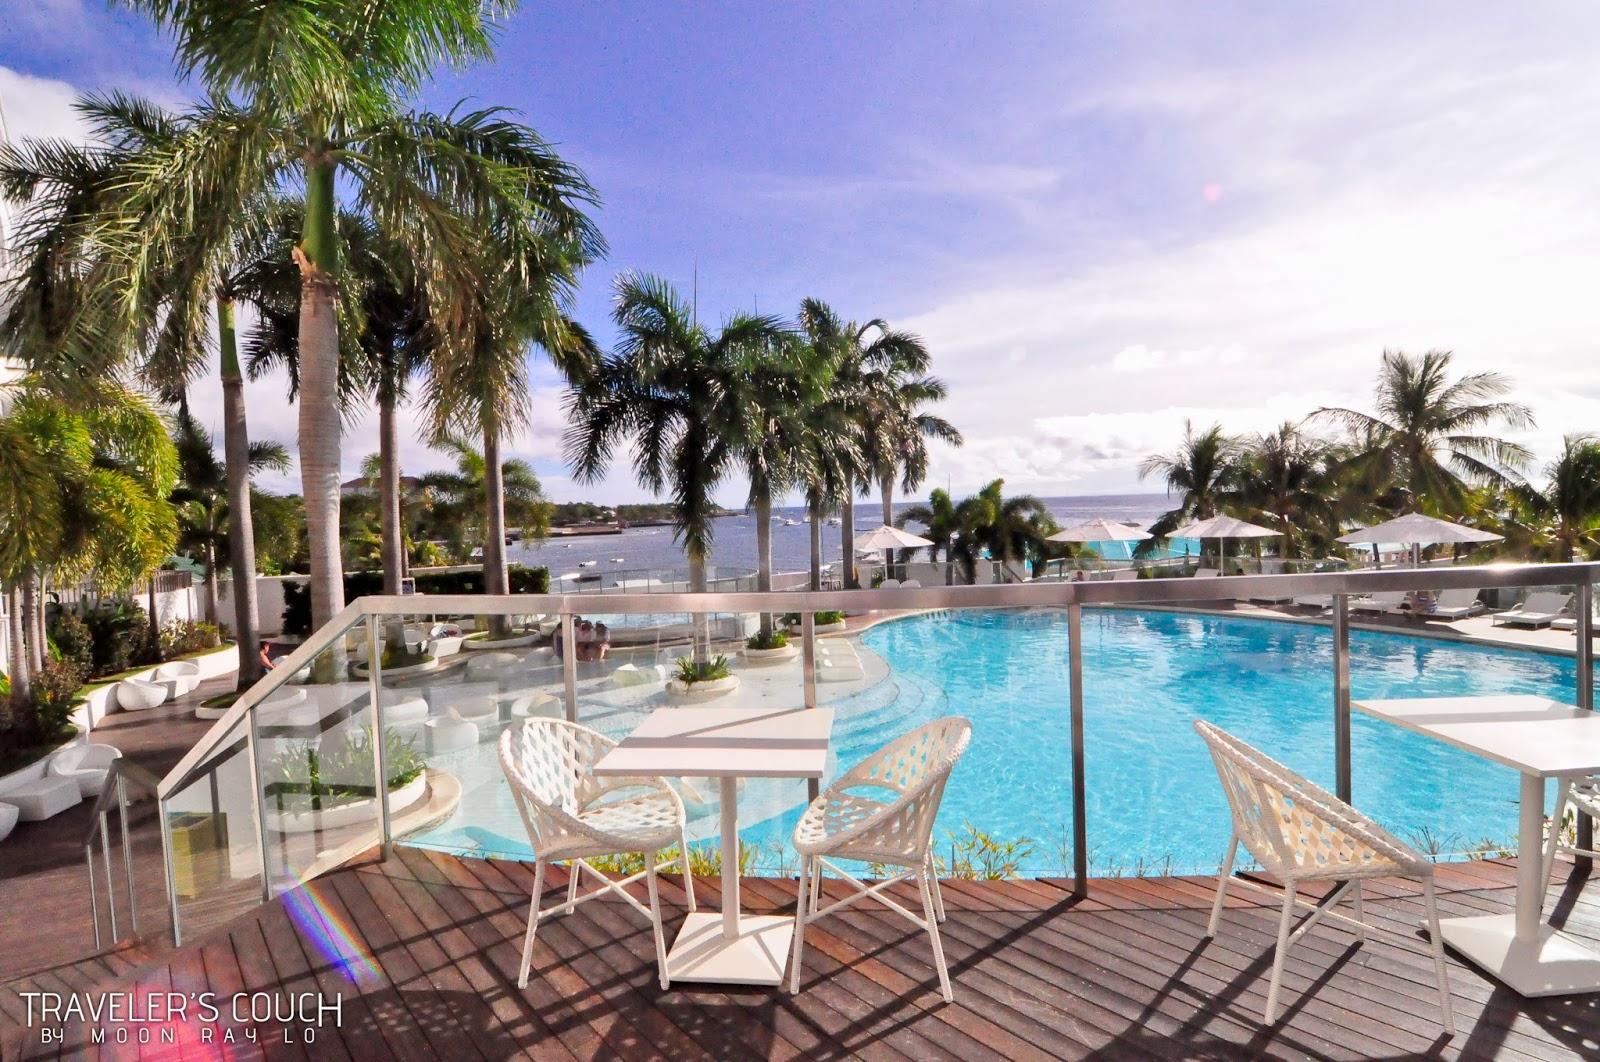 Moevenpick hotel mactan island cebu experience cebu 39 s - Cheap hotel in cebu with swimming pool ...